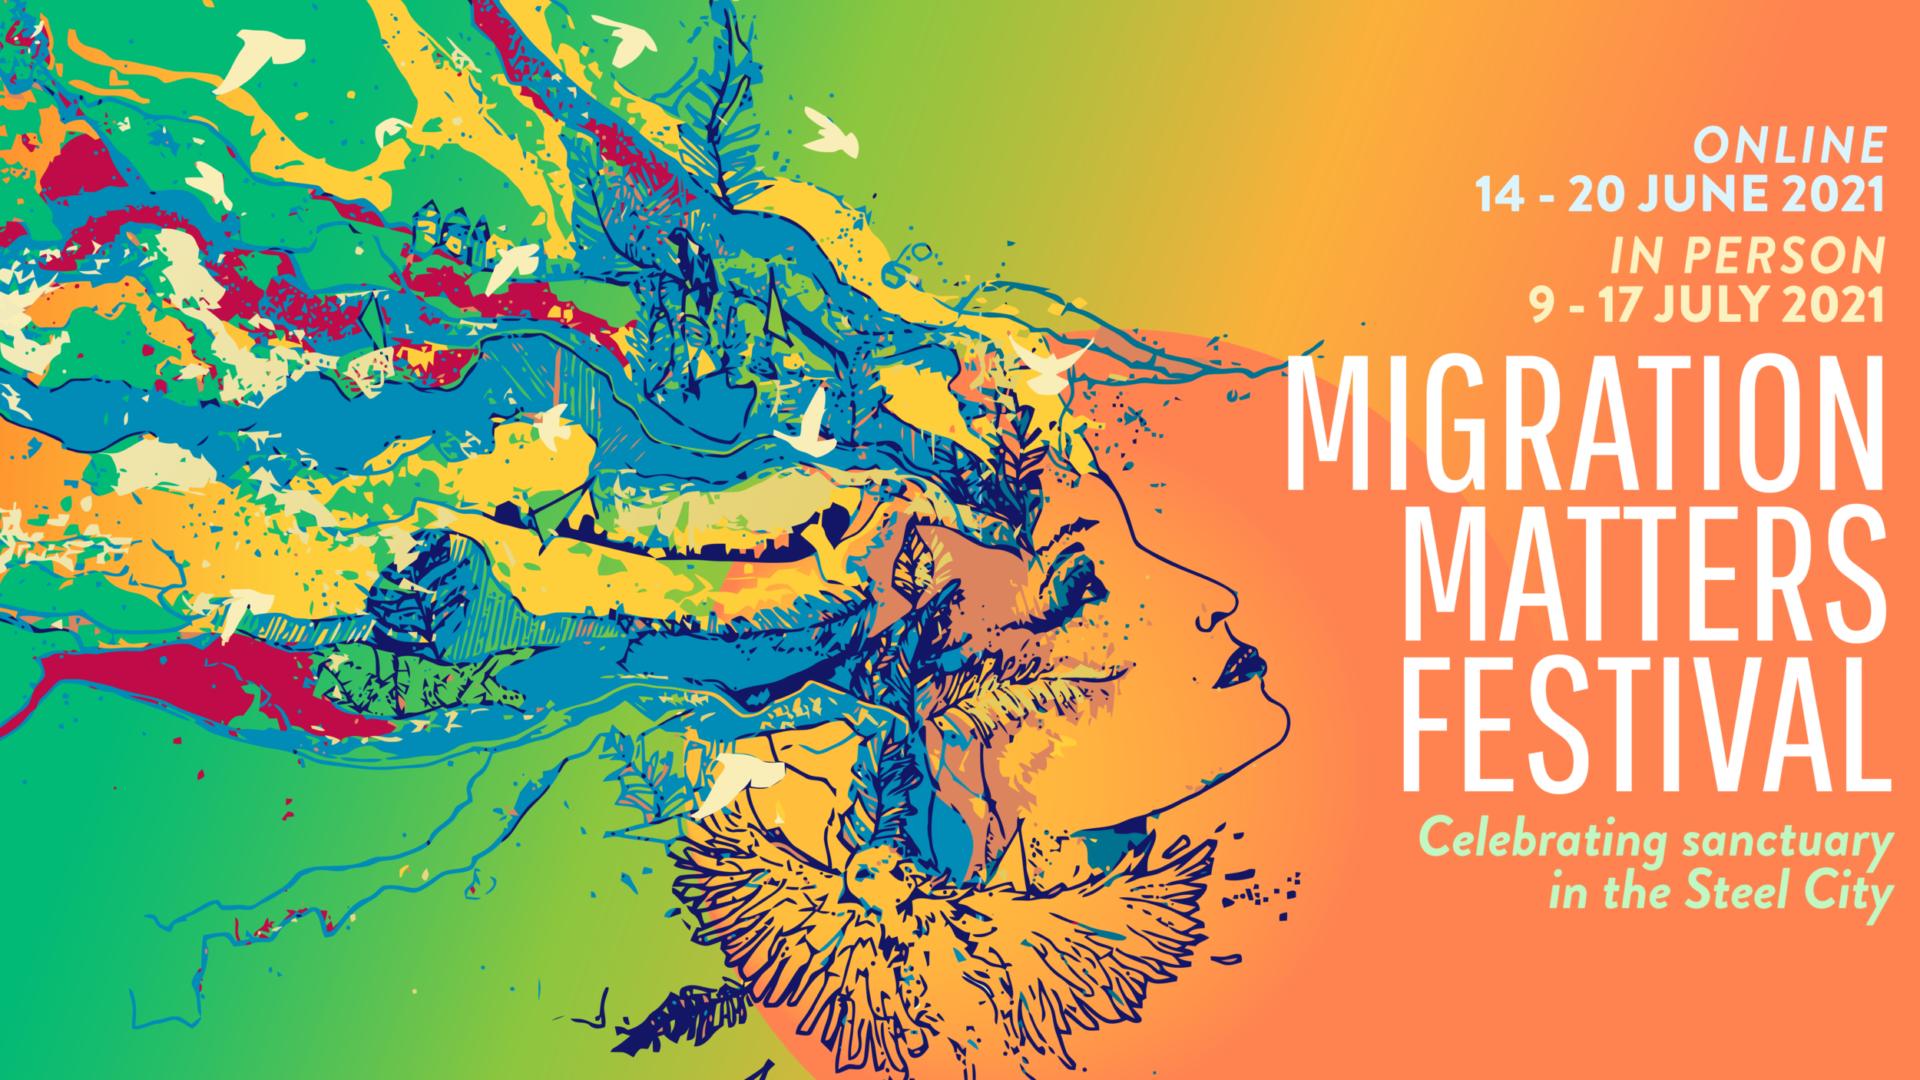 Migration Matters Festival 2021